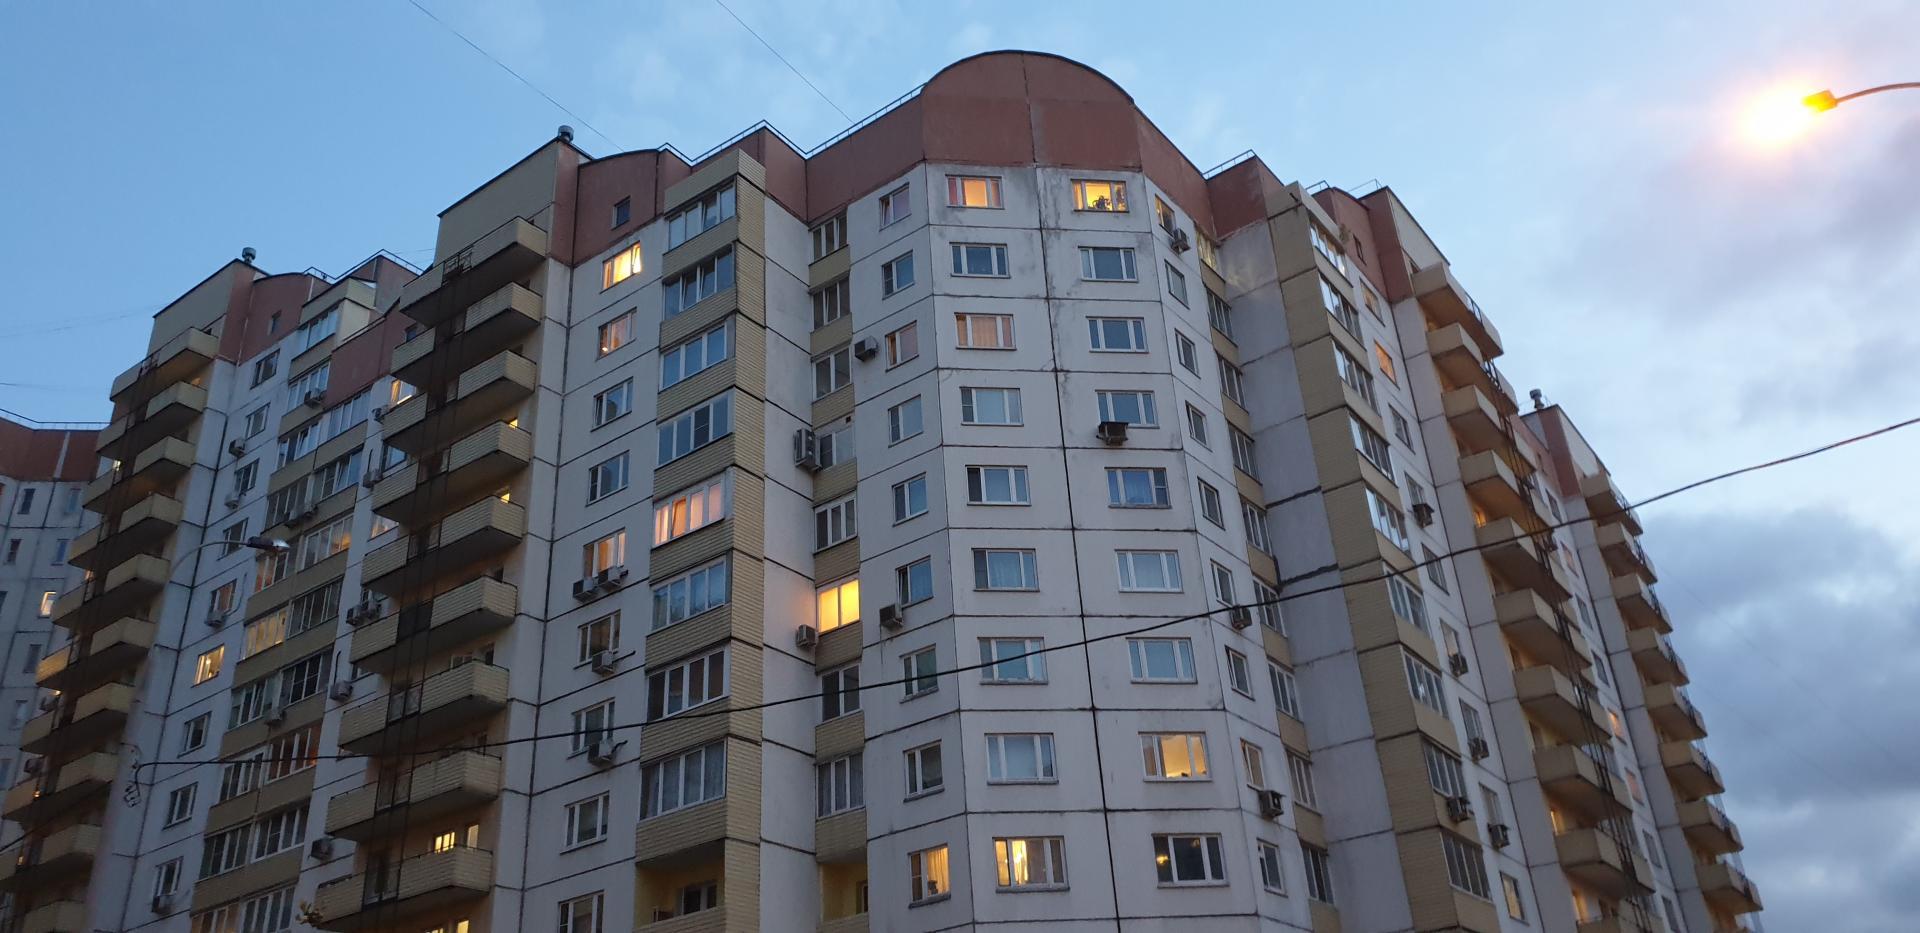 Продам 4-комн. квартиру по адресу Россия, Москва и Московская область, Москва, Азовская улица, 24к1 фото 1 по выгодной цене